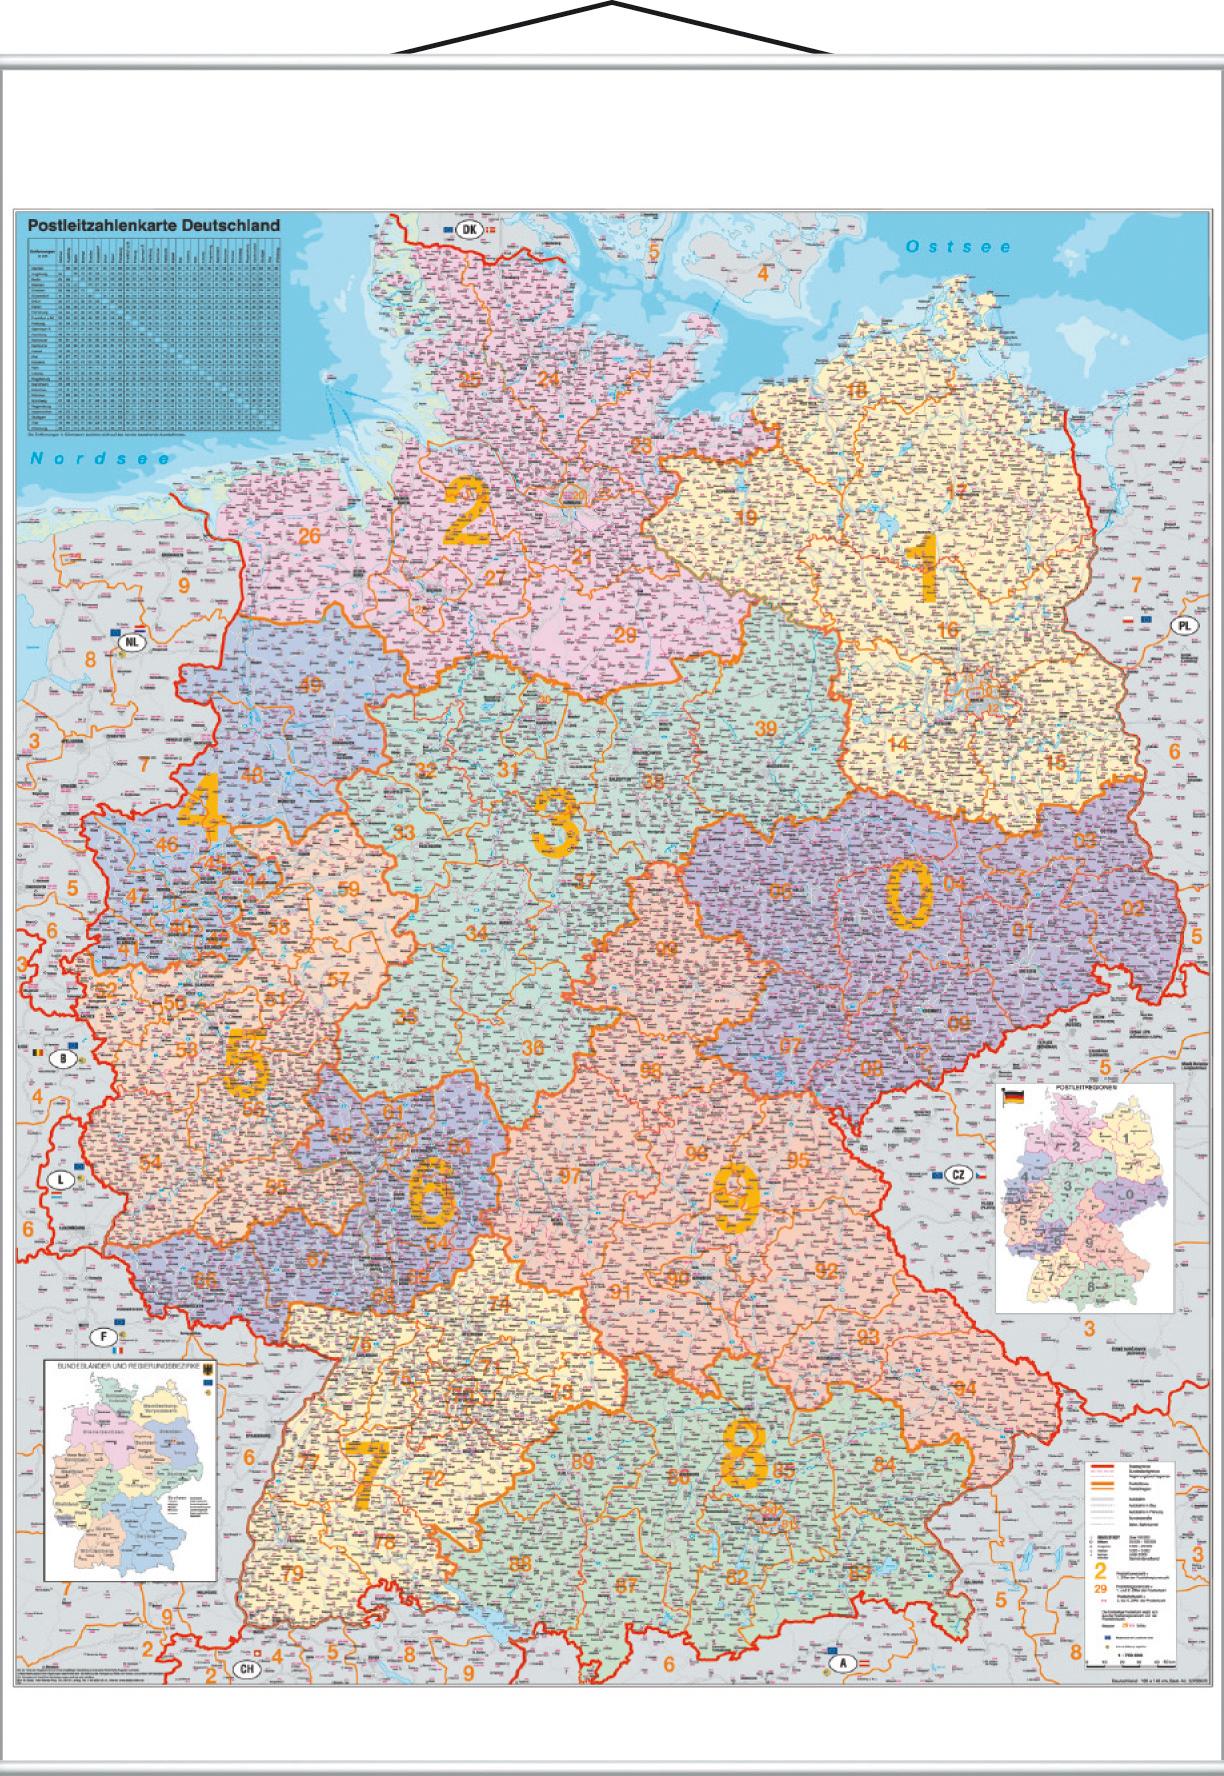 Karte Plz.Plz Kartentafel Deutschland Laminiert Beschreibbar